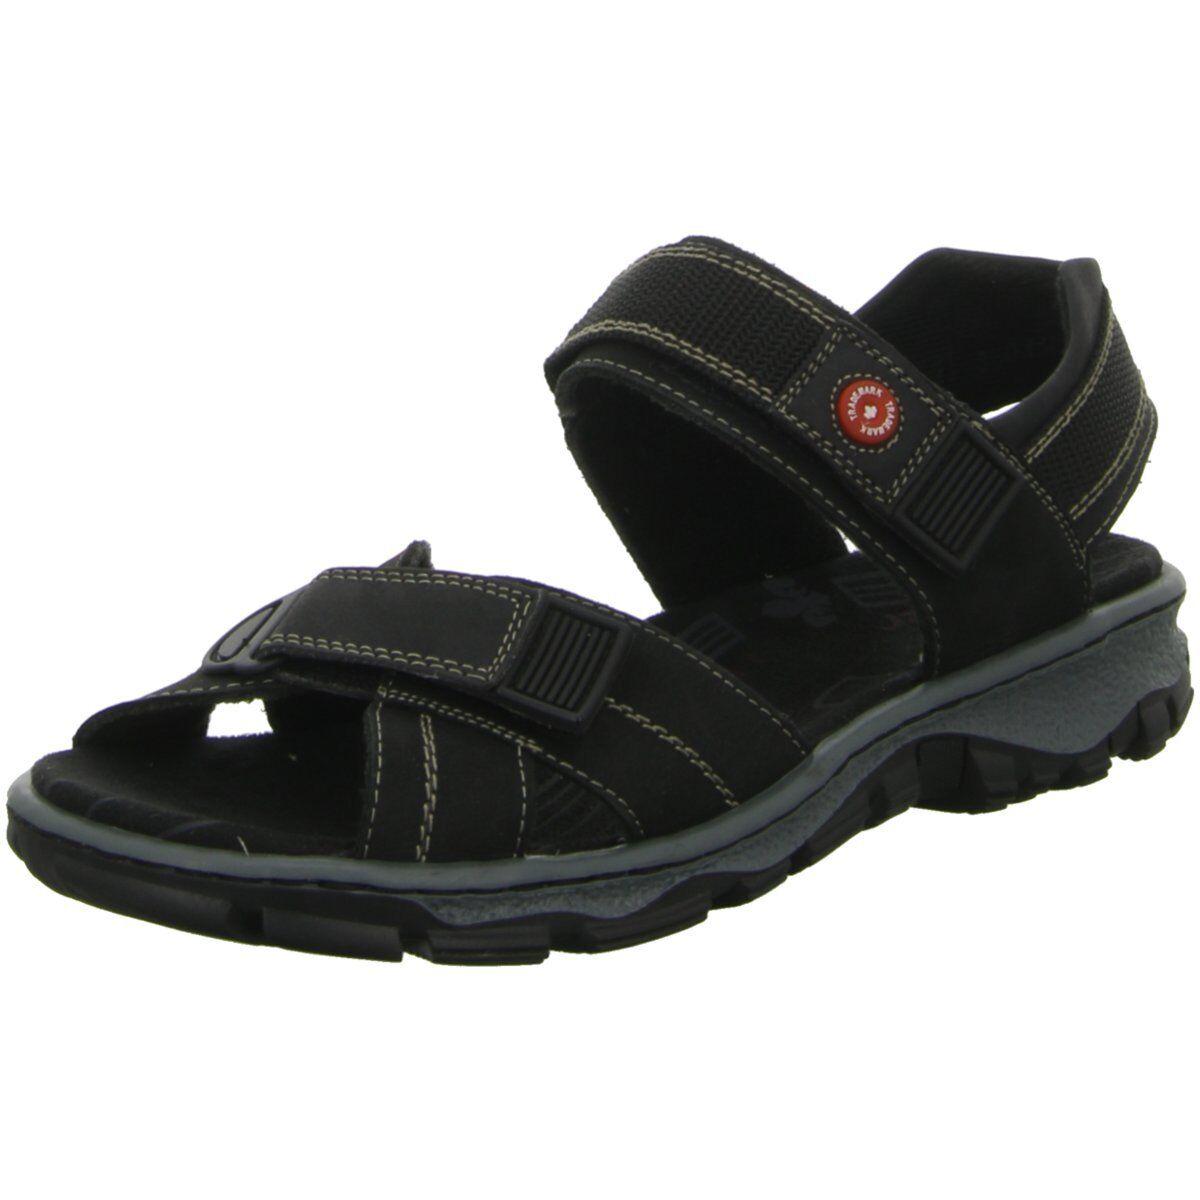 NEU Rieker Damen Sandaleetten Sandaleette Sandaleette Sandaleetten sportlicher Boden 68851-00 schwarz 2423c0